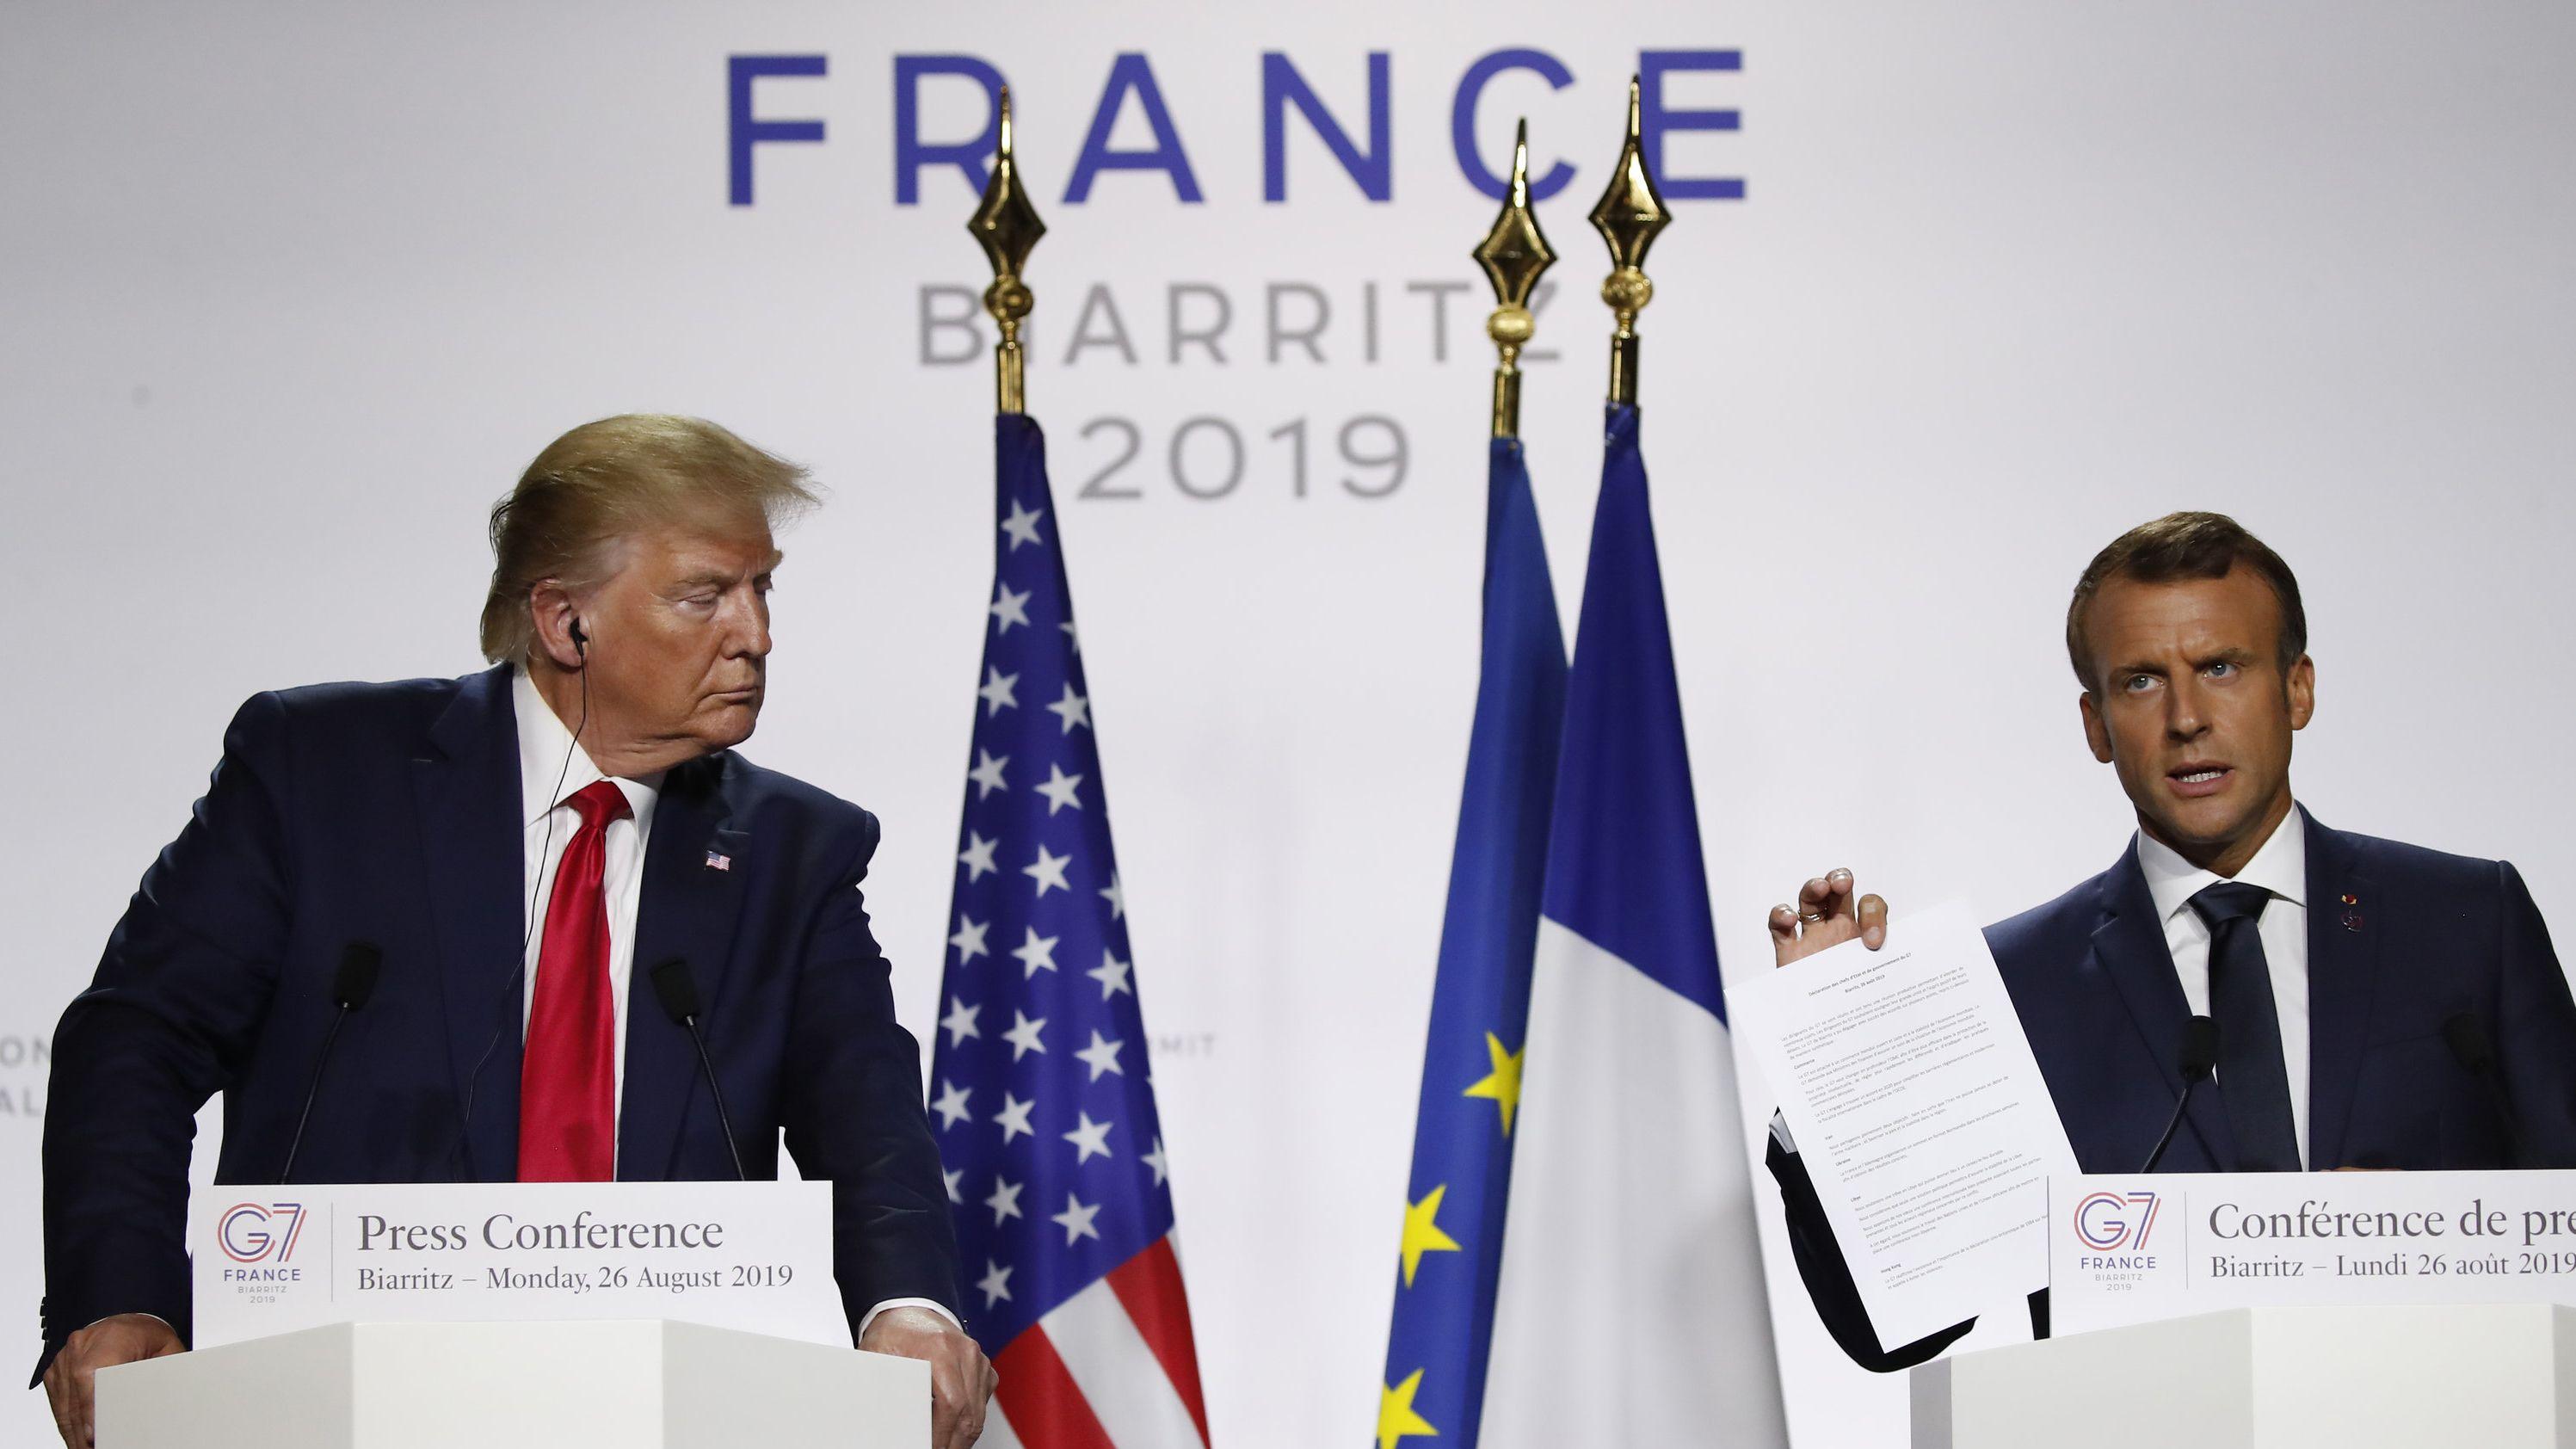 Donald Trump, Präsident der USA, und Emmanuel Macron, Präsident von Frankreich, nehmen an der abschließenden Pressekonferenz des G7-Gipfels teil.